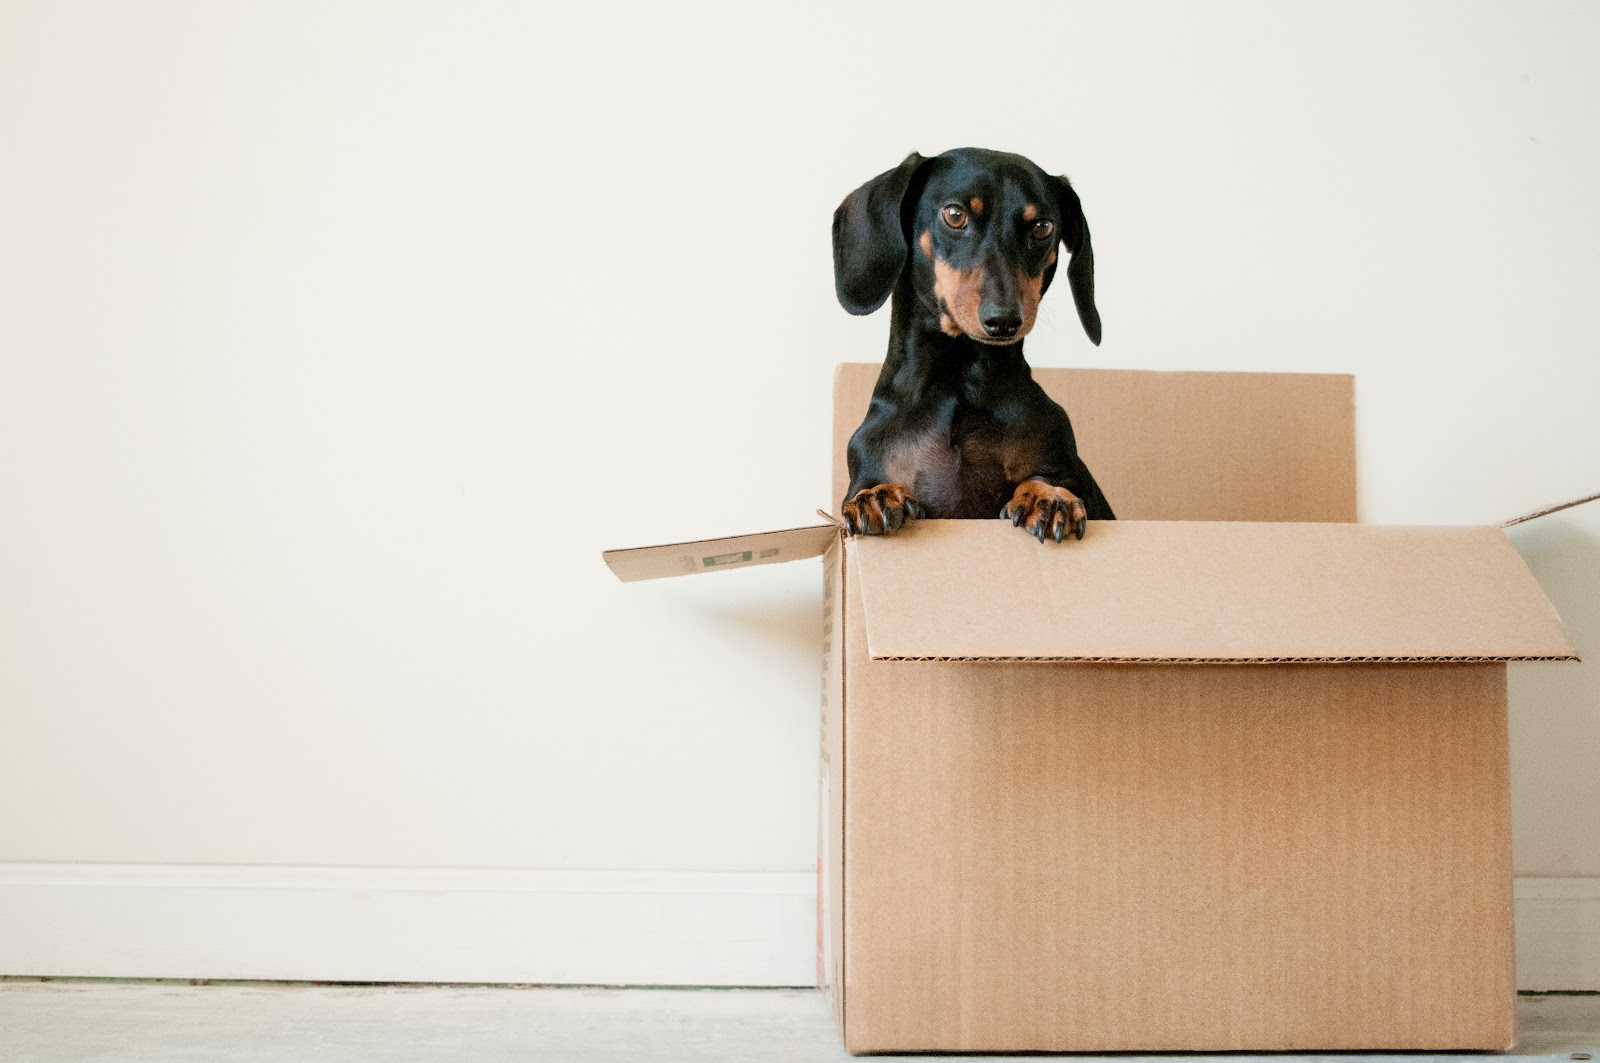 dog inside a shipping box